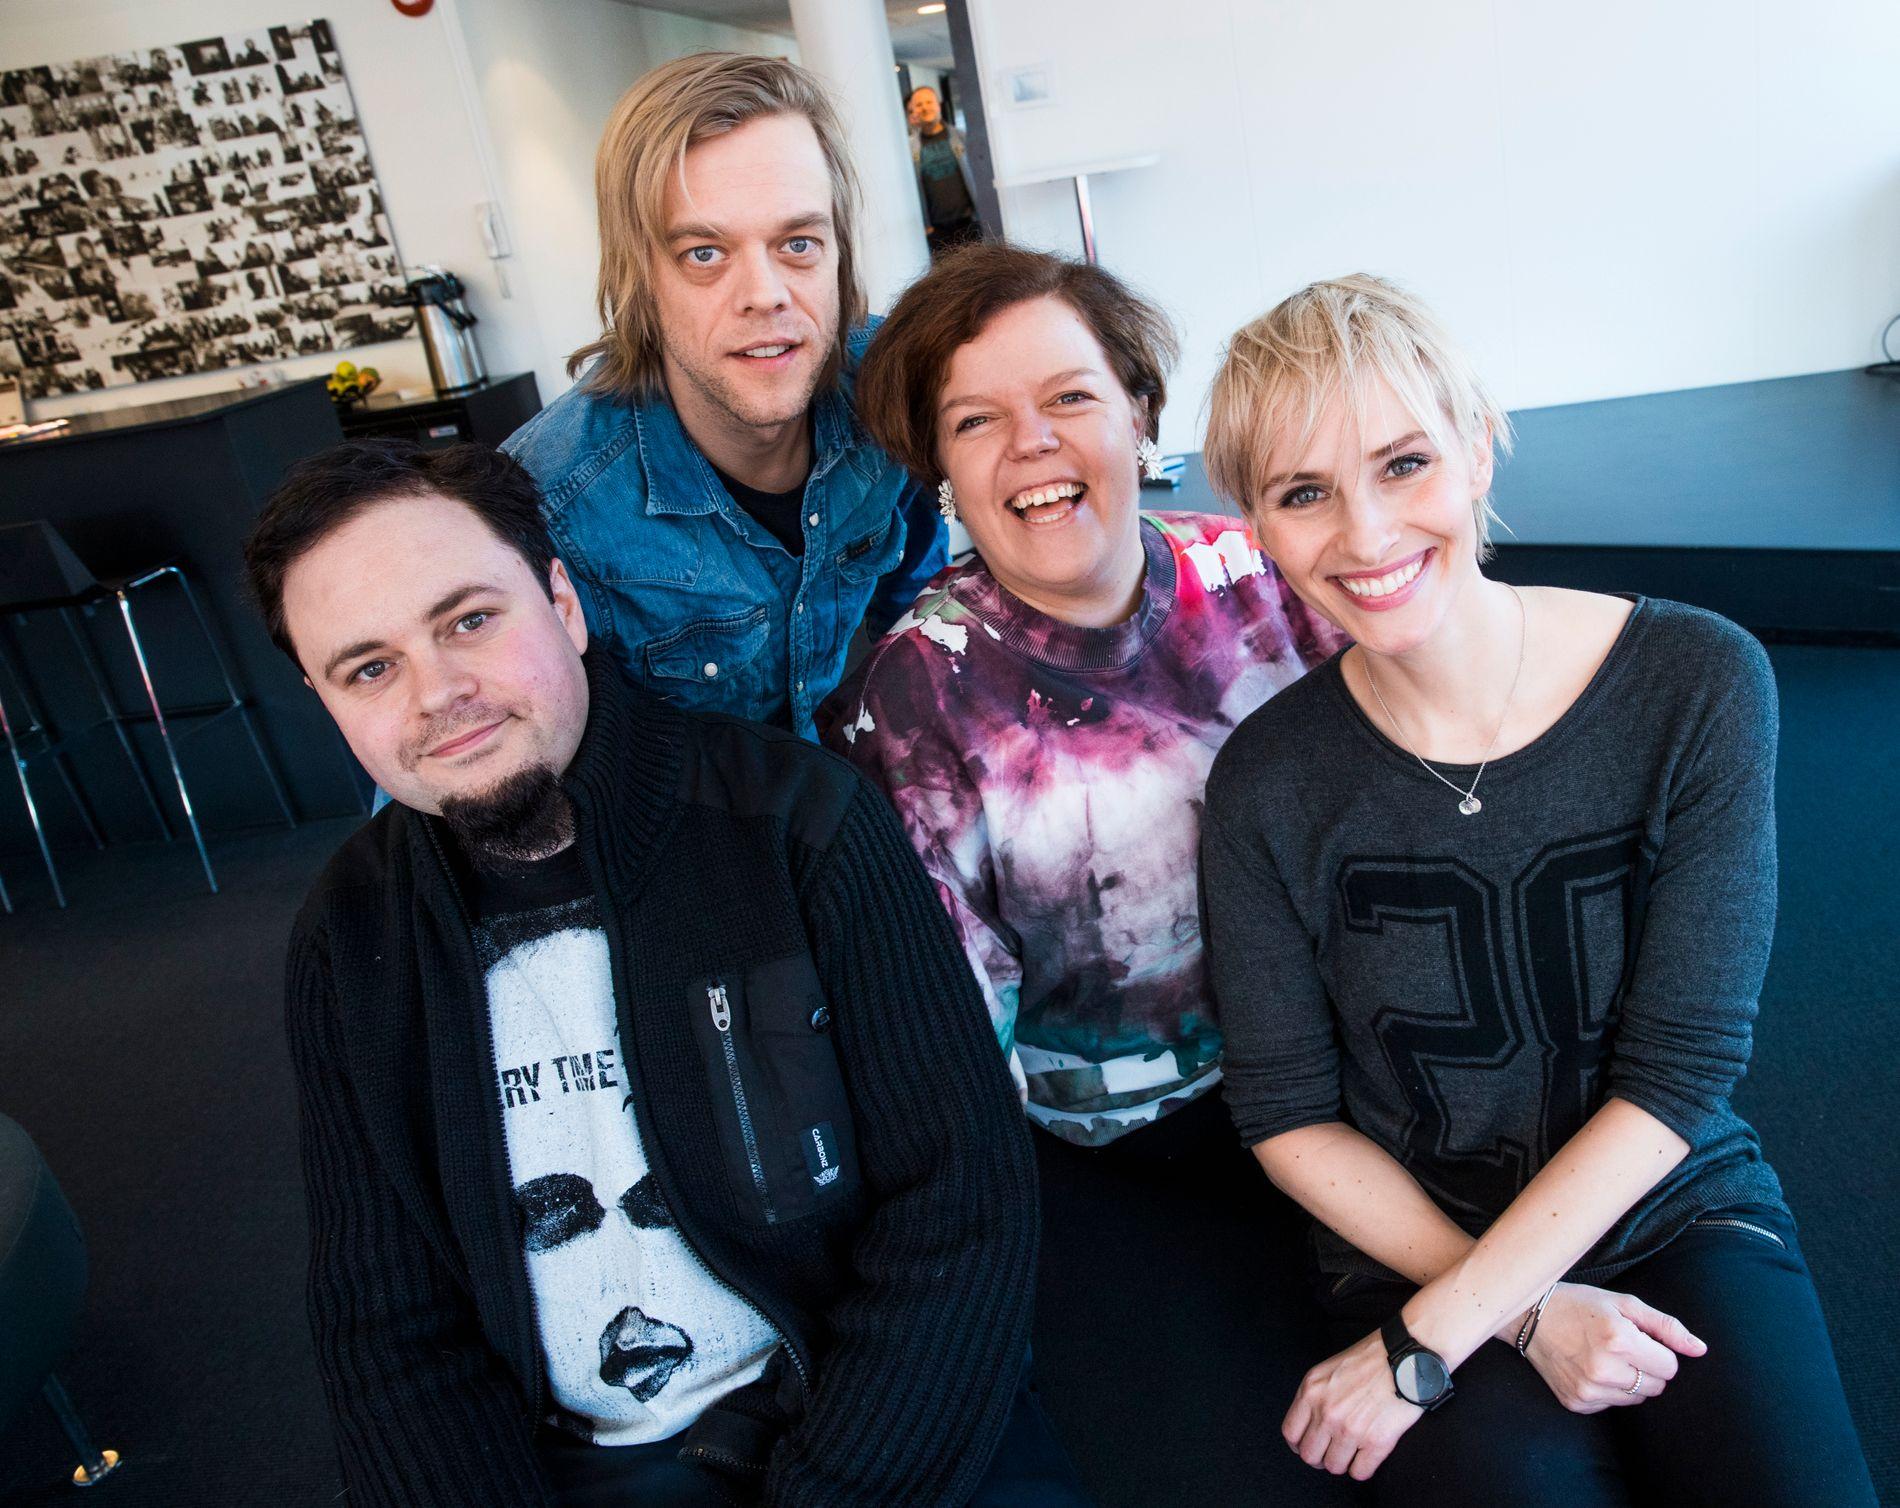 KOLLEGER: Dag Sørås, Calle Hellevang-Larsen, Else Kåss Furuseth og Anne Rimmen. Anne Rimmen er programleder.